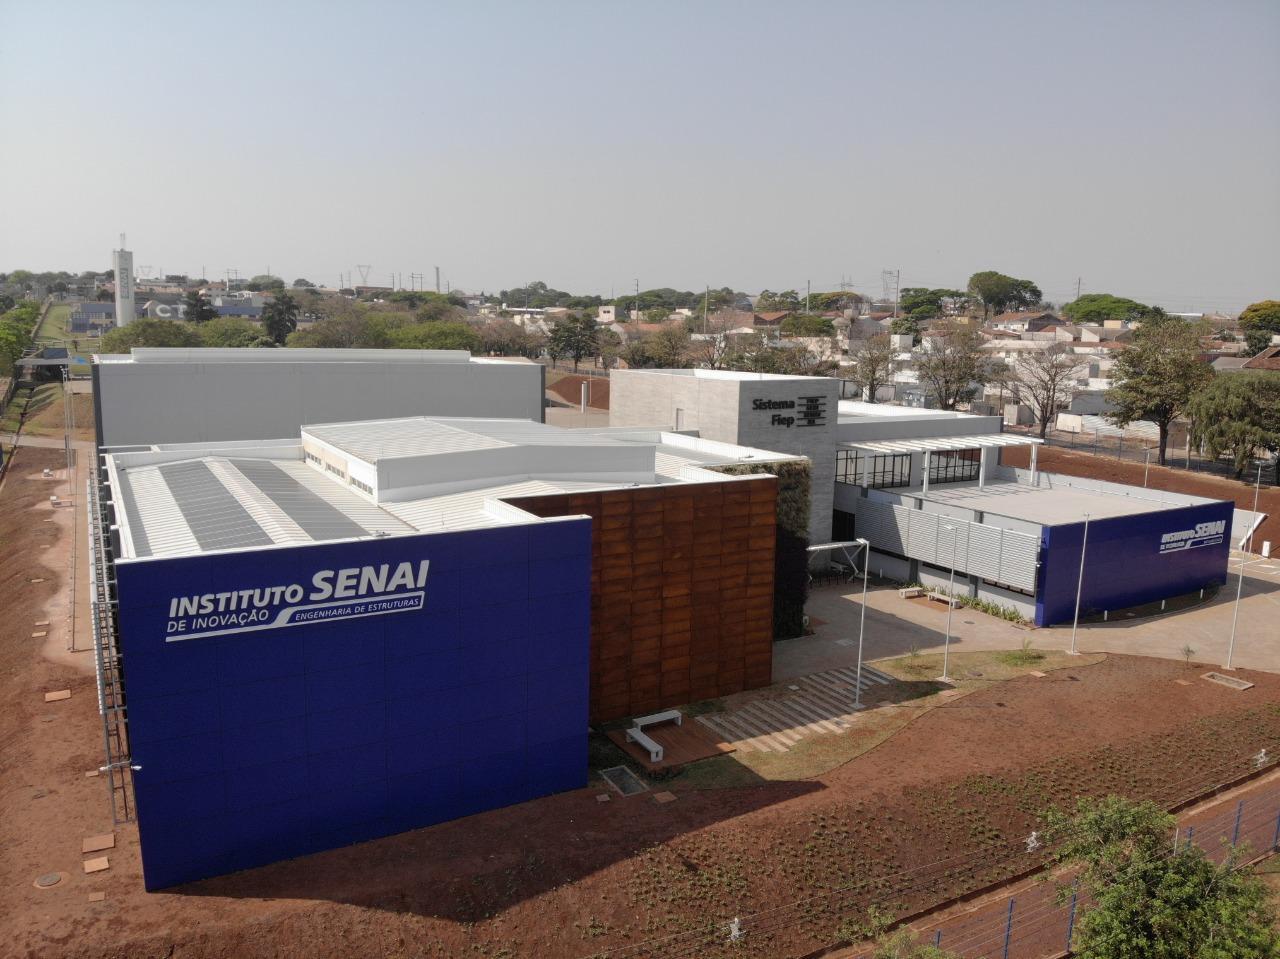 Imagem sobre Edifício que abriga Institutos Senai em Maringá completa um ano